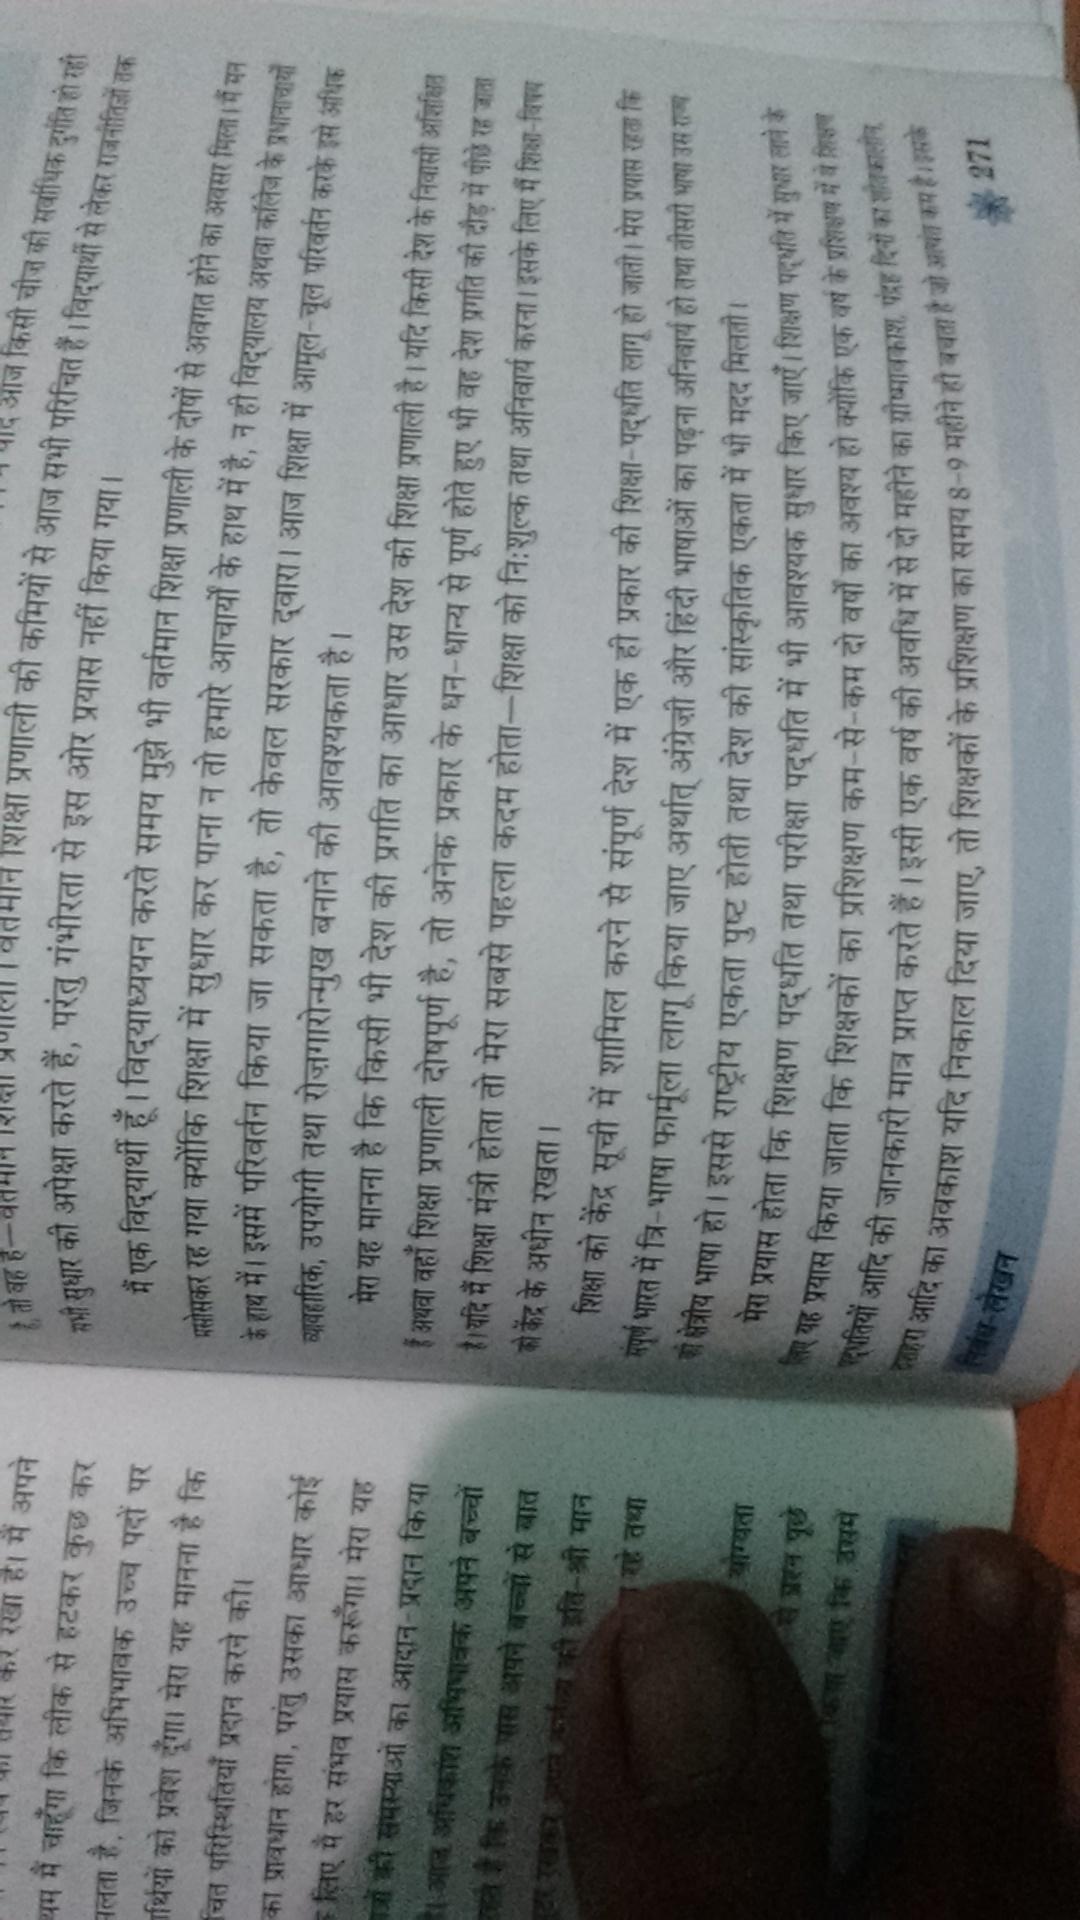 paragraph on yadi mein shiksha mantri hoti